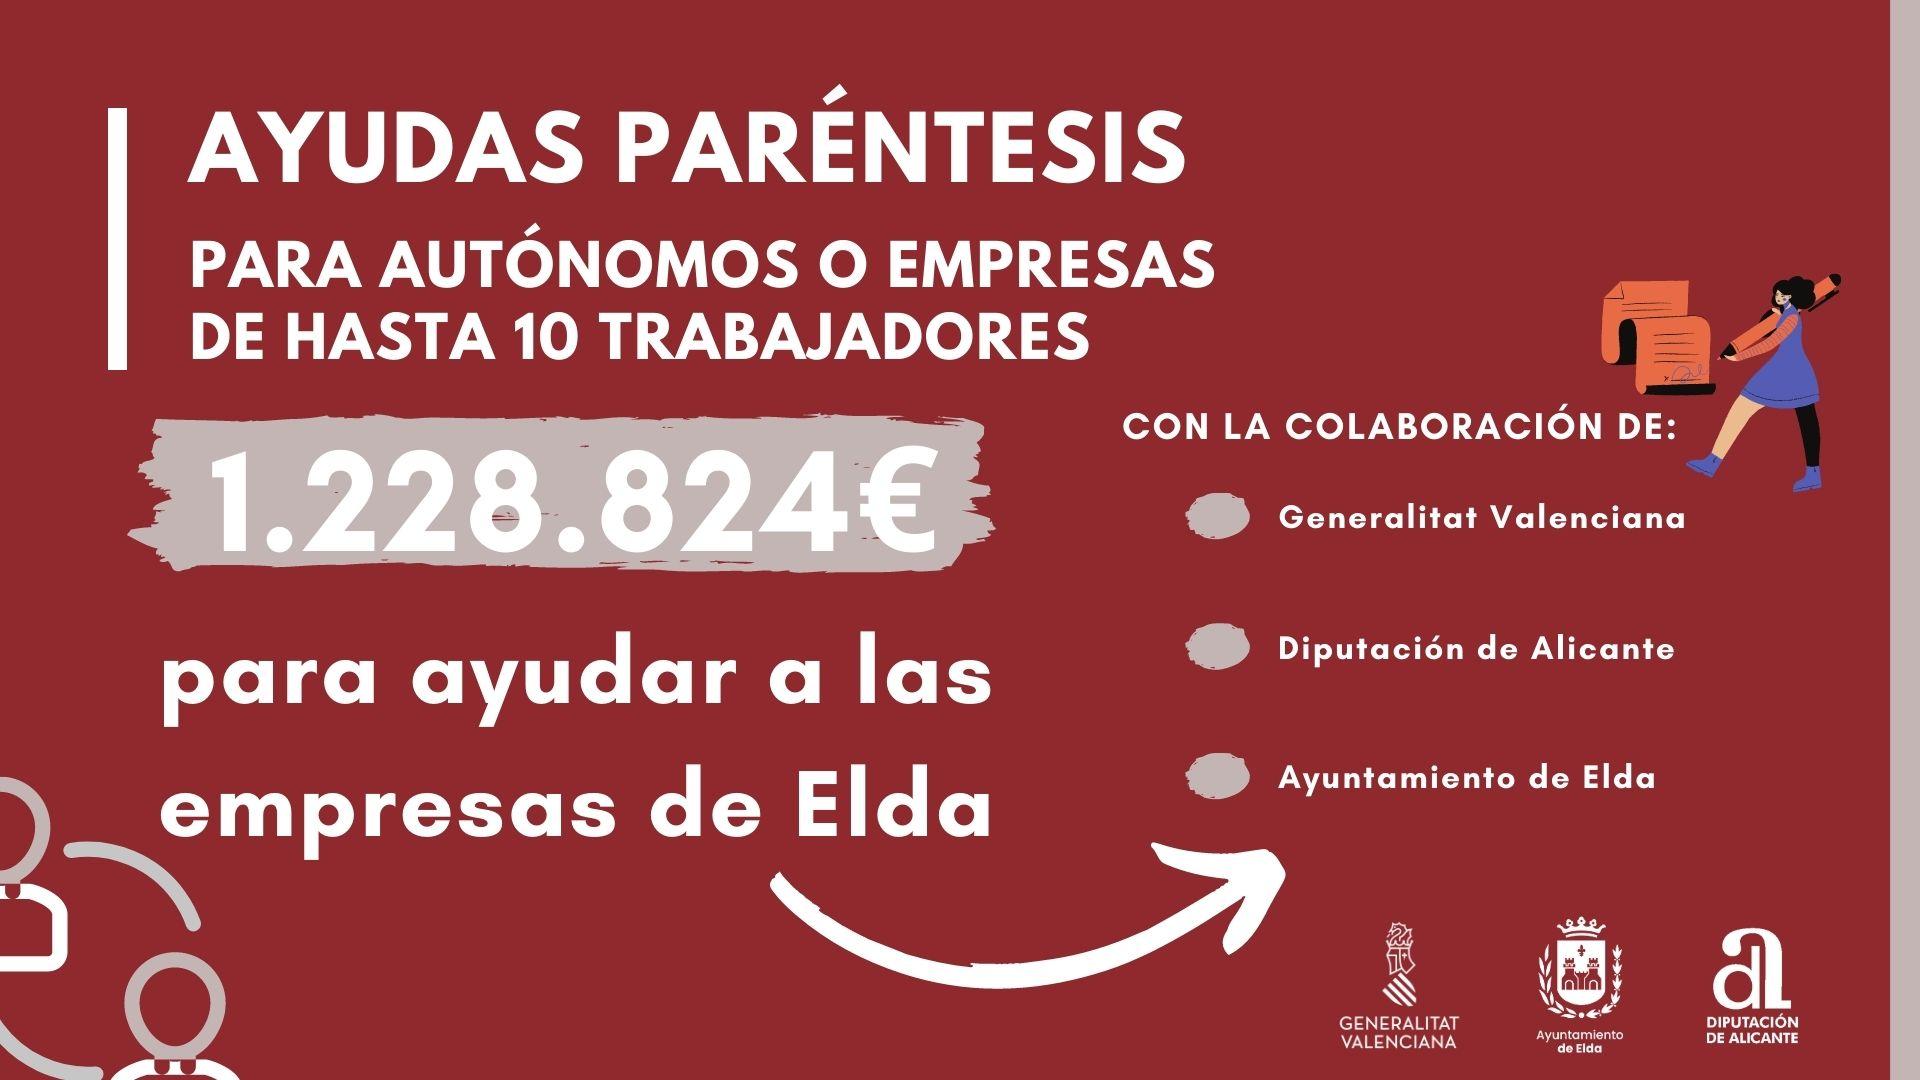 Idelsa ha tramitado ya el pago de 129 solicitudes de Ayudas Paréntesis a autónomos y pymes de Elda por un importe de 303.492 euros